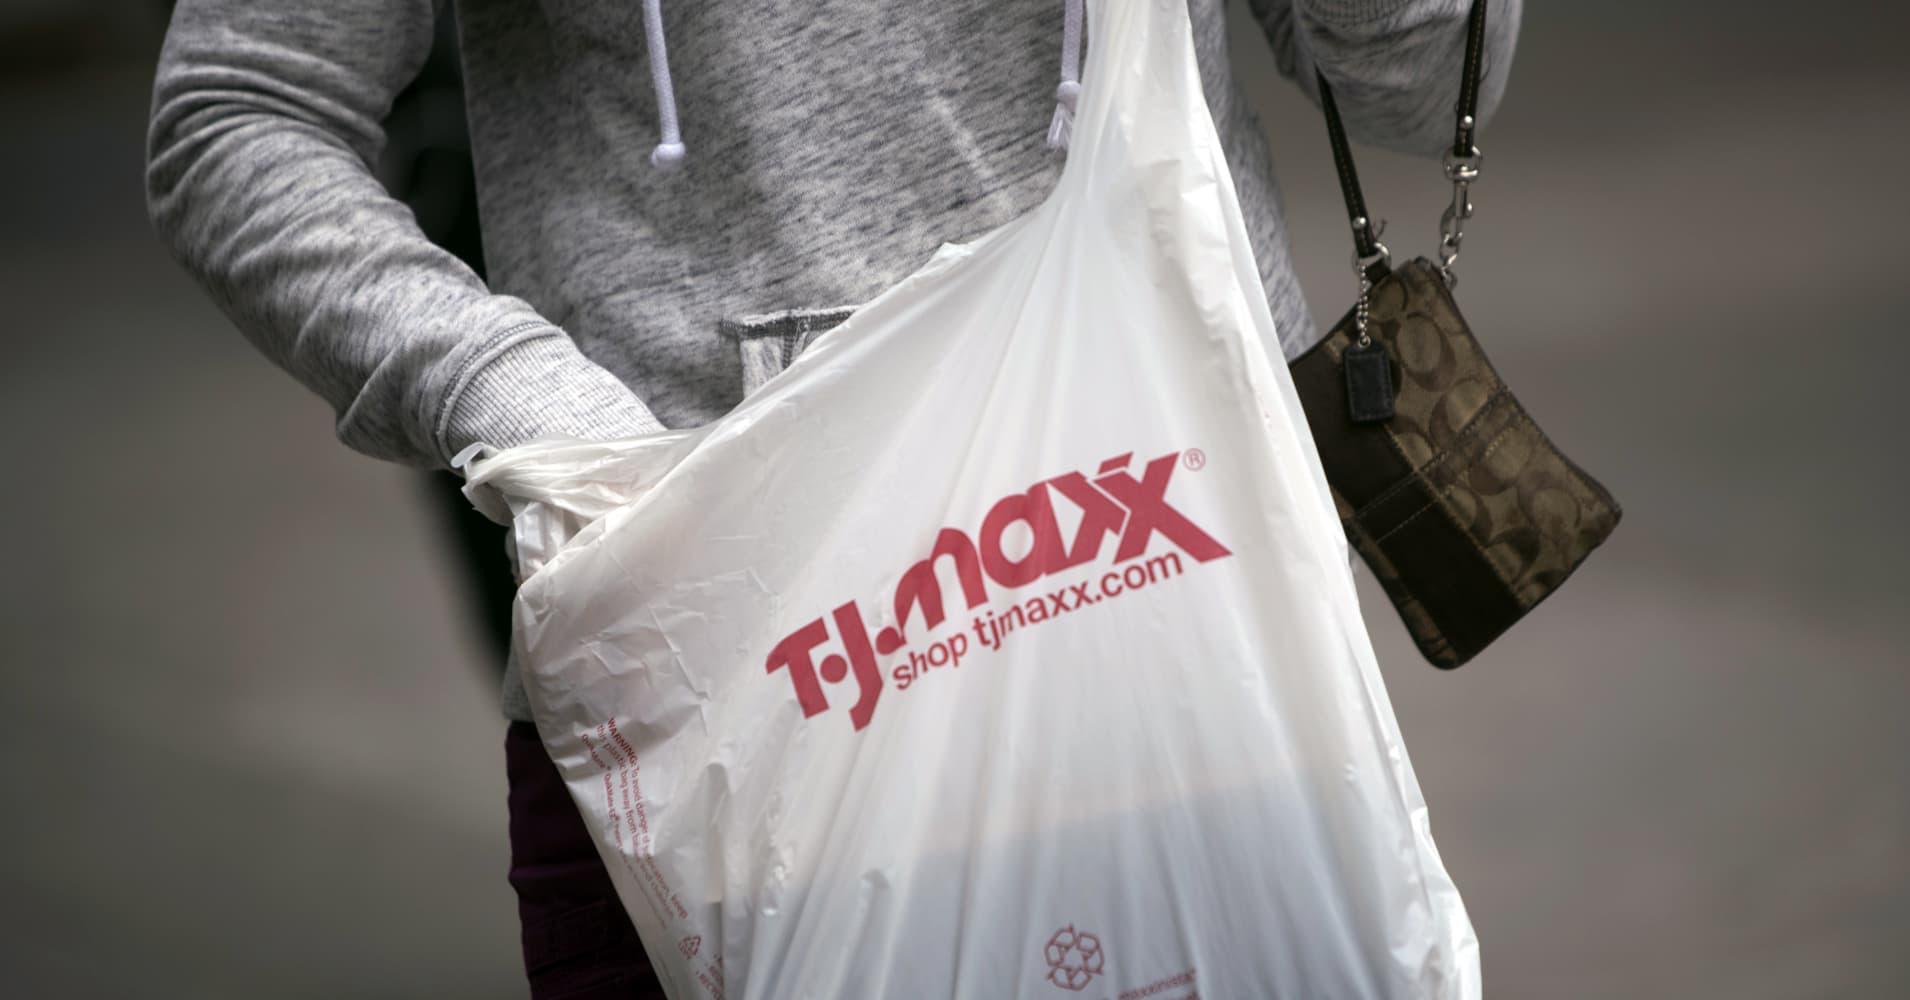 TJX beats estimates as big discounts attract young shoppers